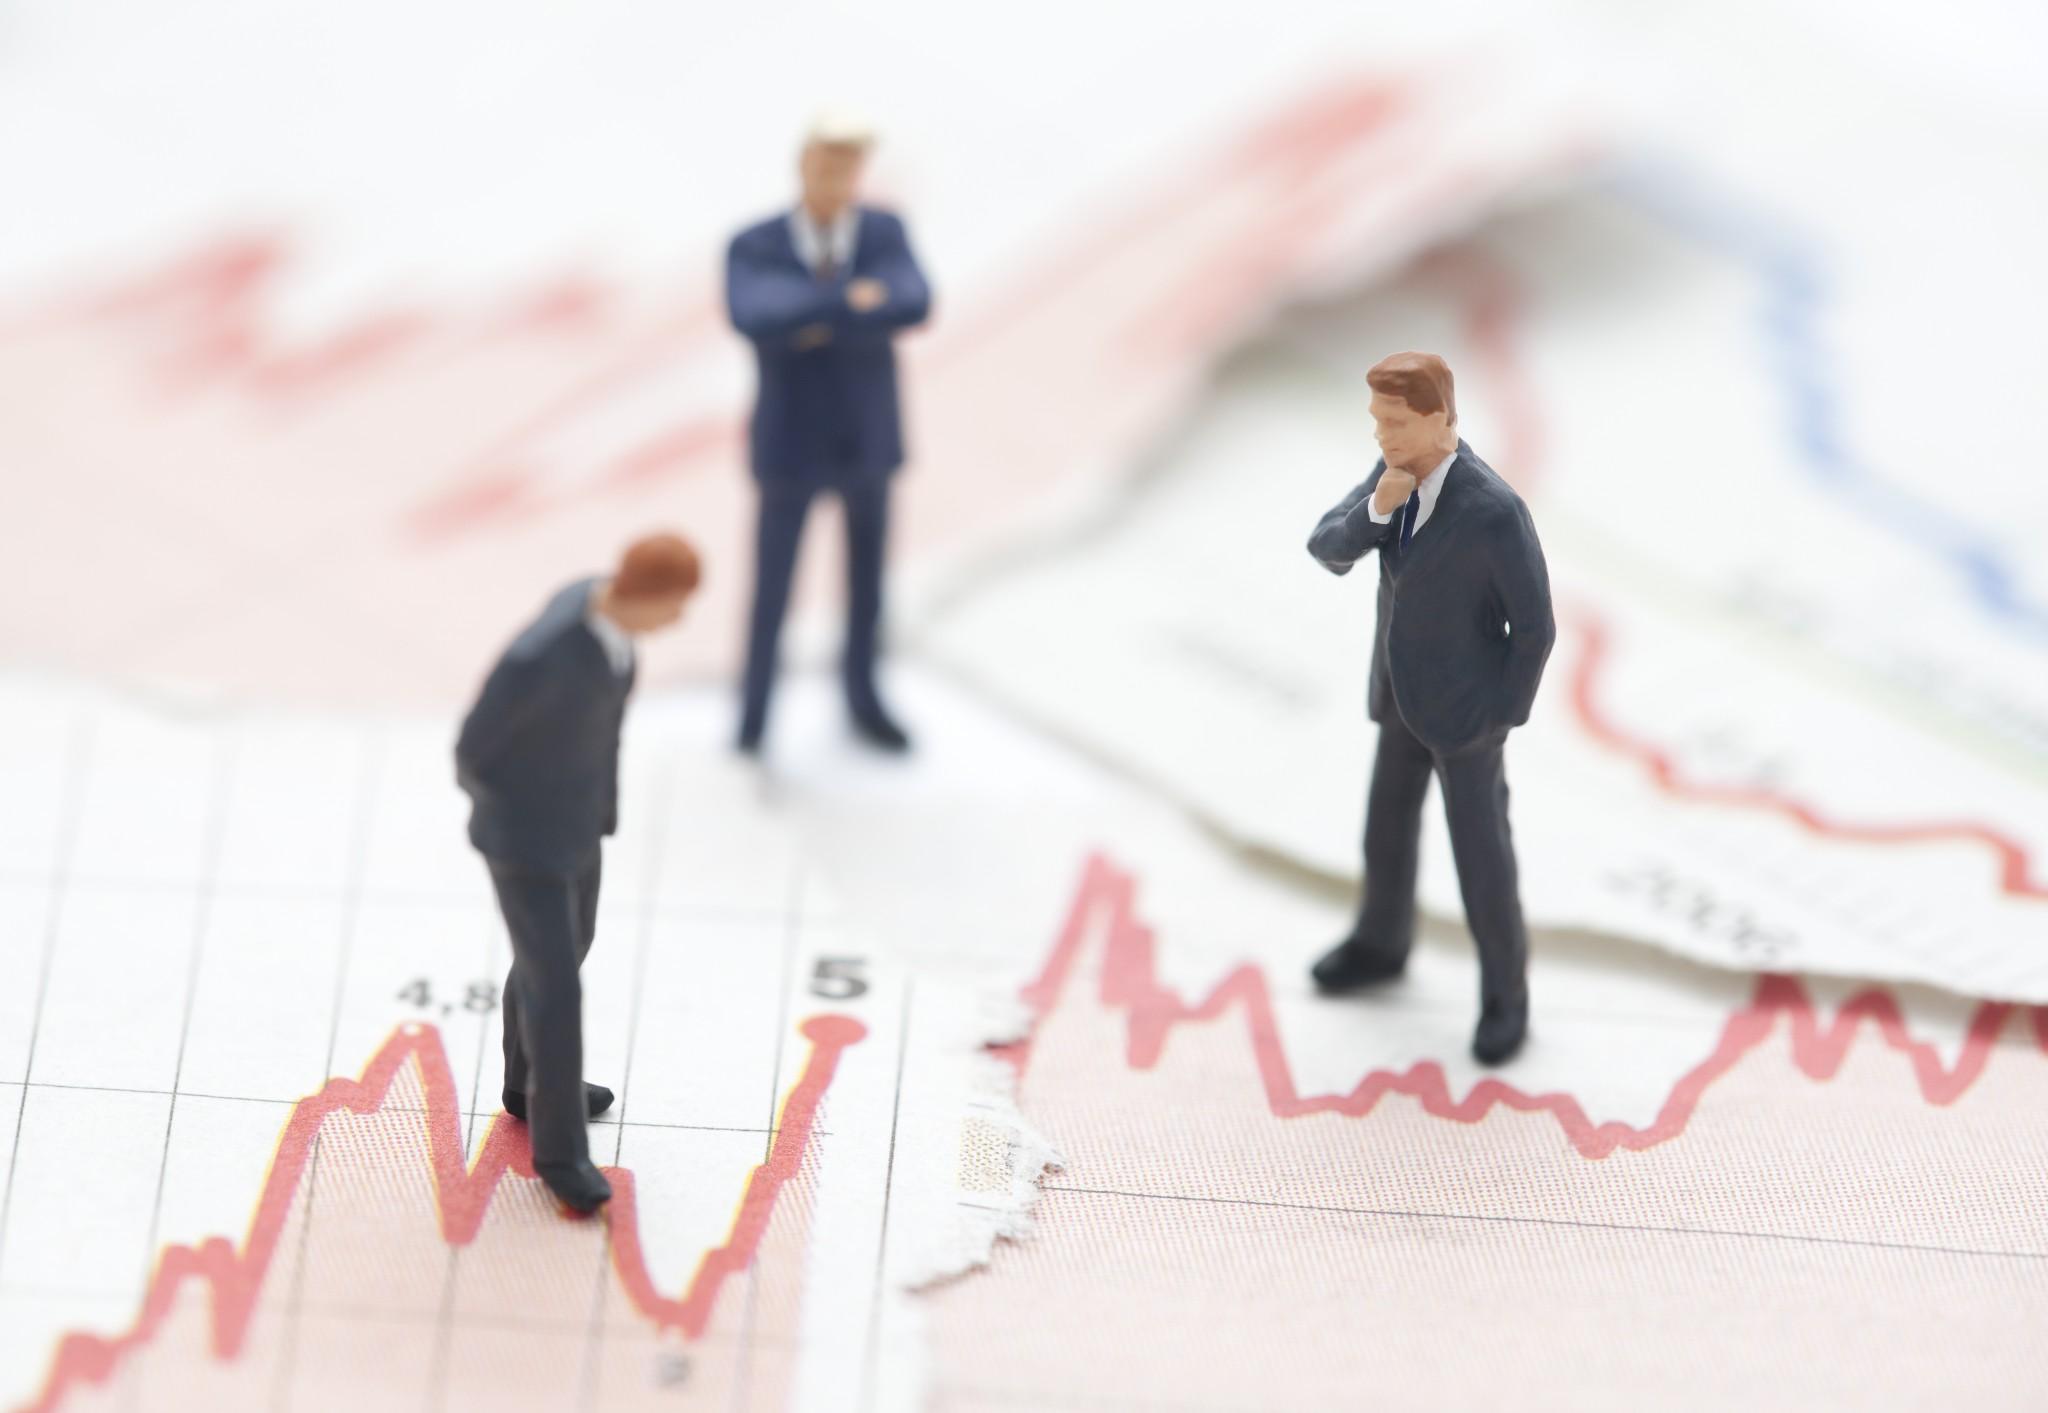 Everyday Economics — Oil stories